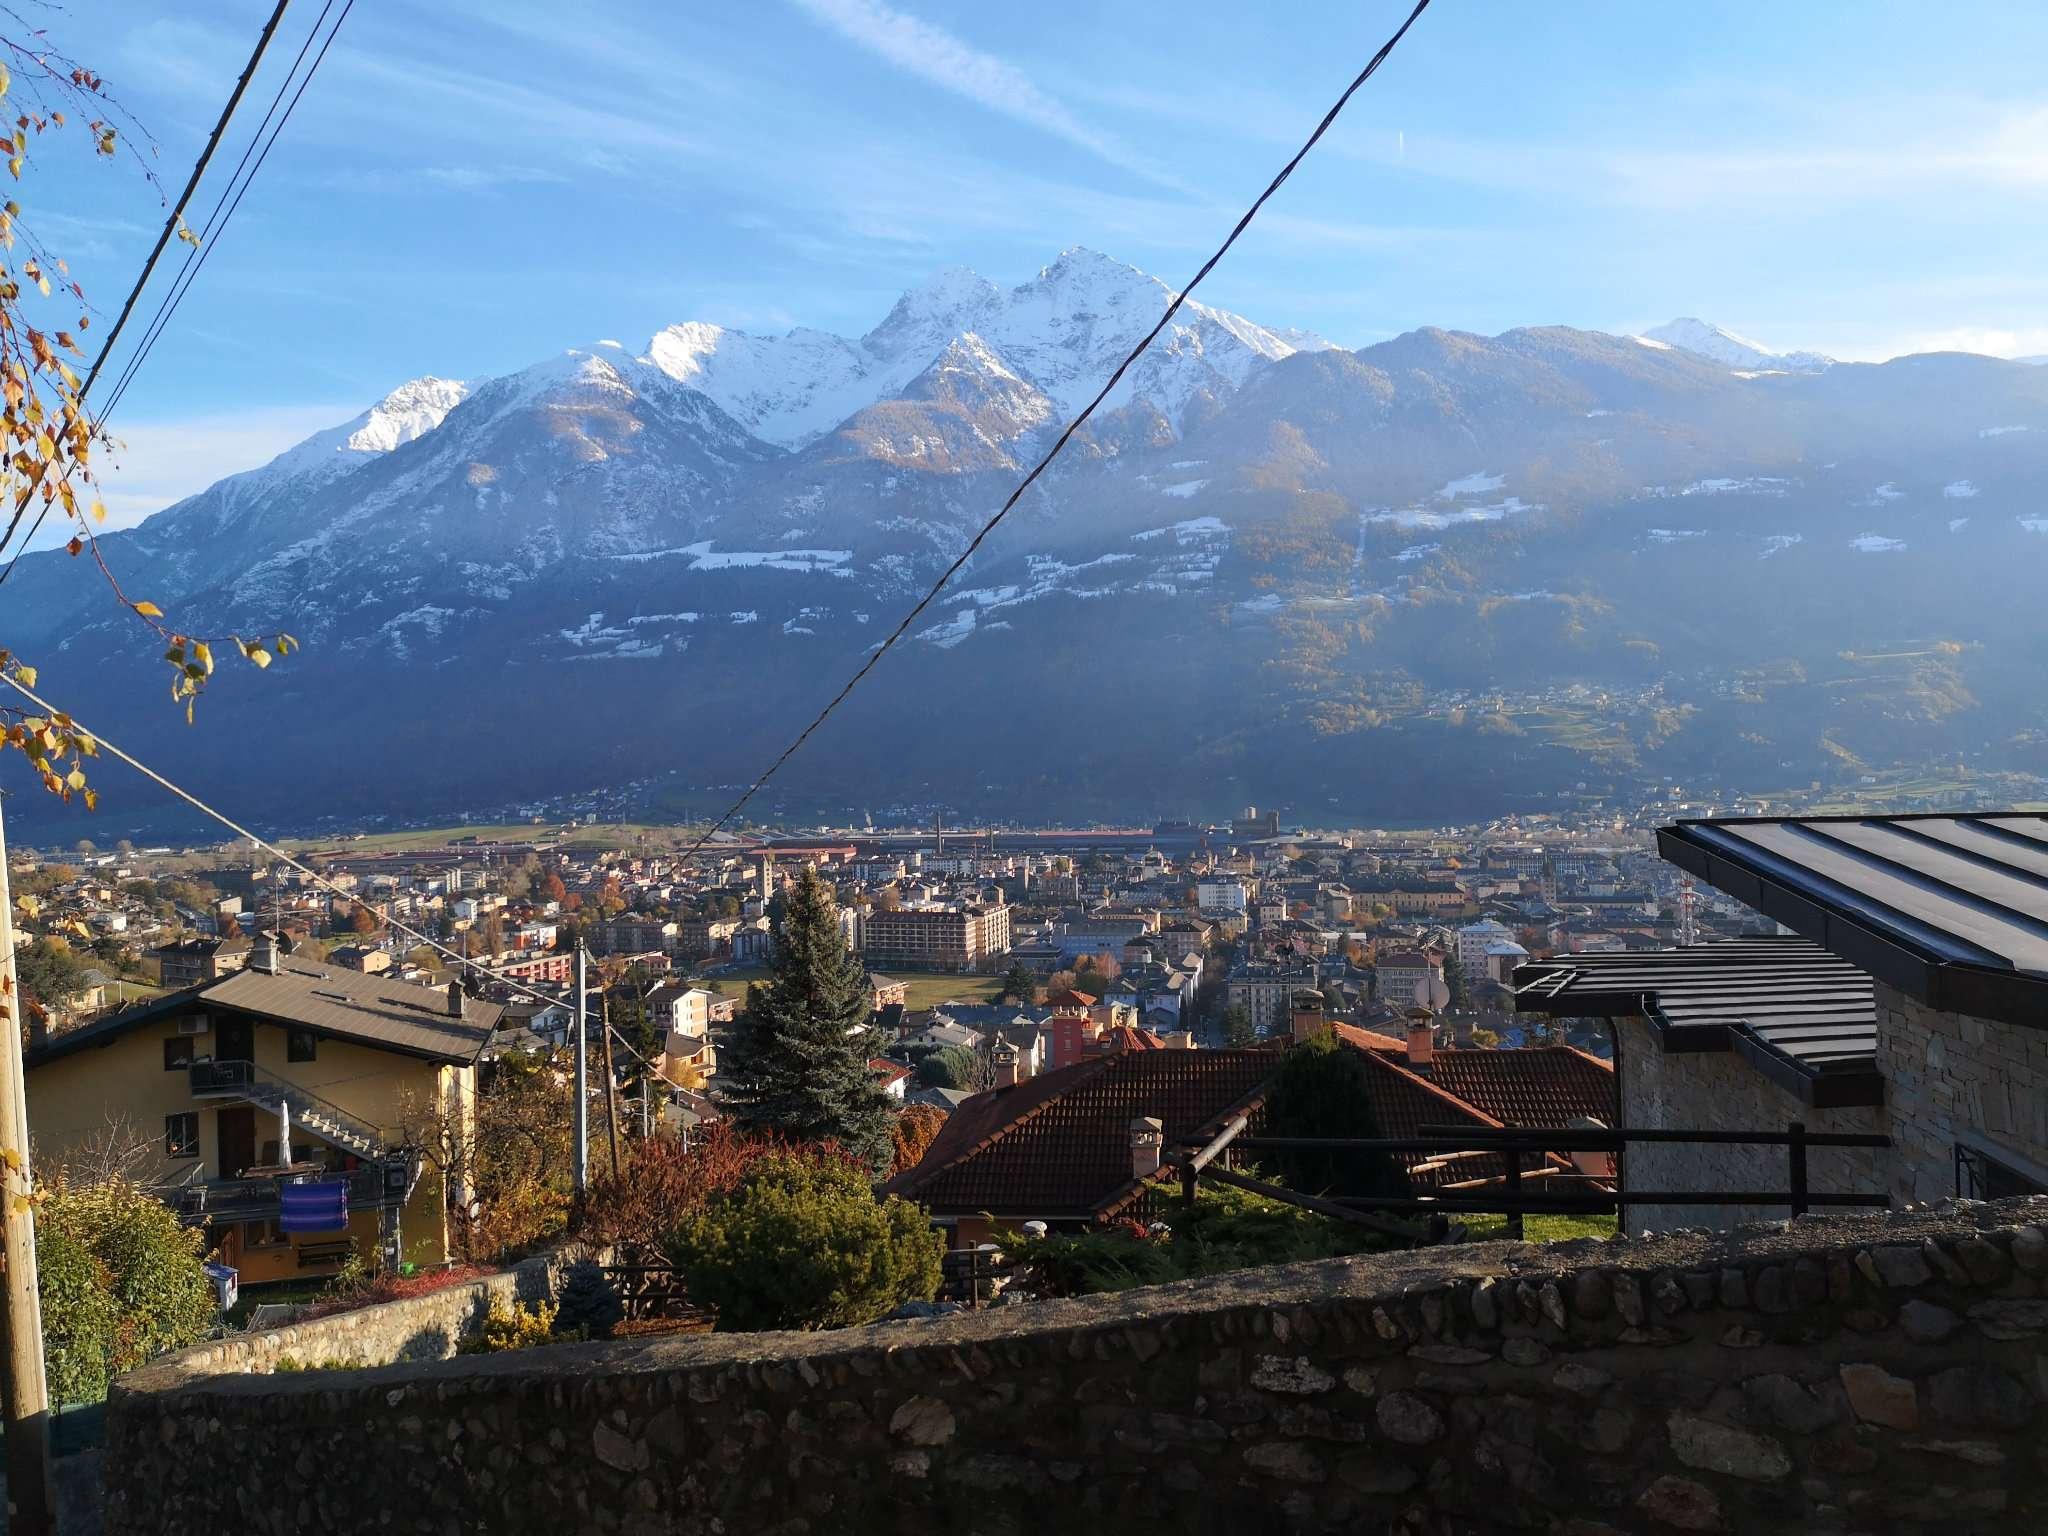 Aosta - Saraillon - villa indipendente con giardino - panoramica - ottima esposizione